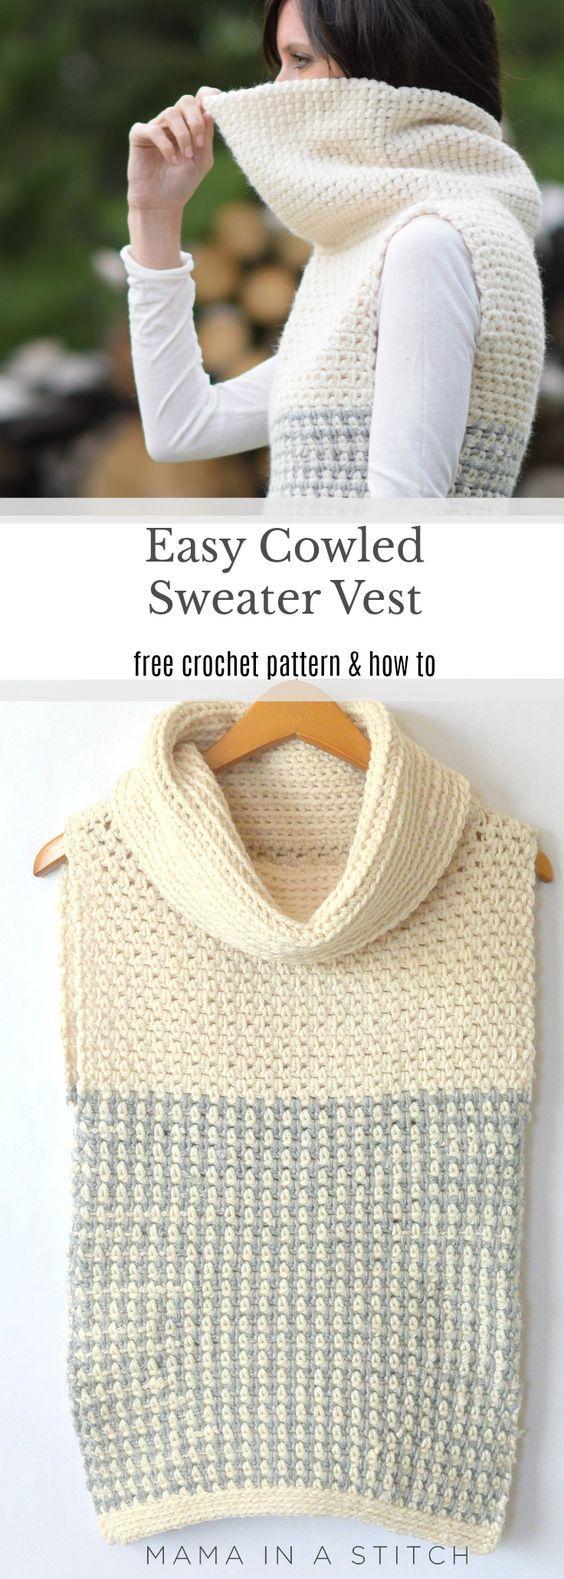 Easy Crochet Cowled Sweater Vest | tejiendo :) | Pinterest | Croché ...